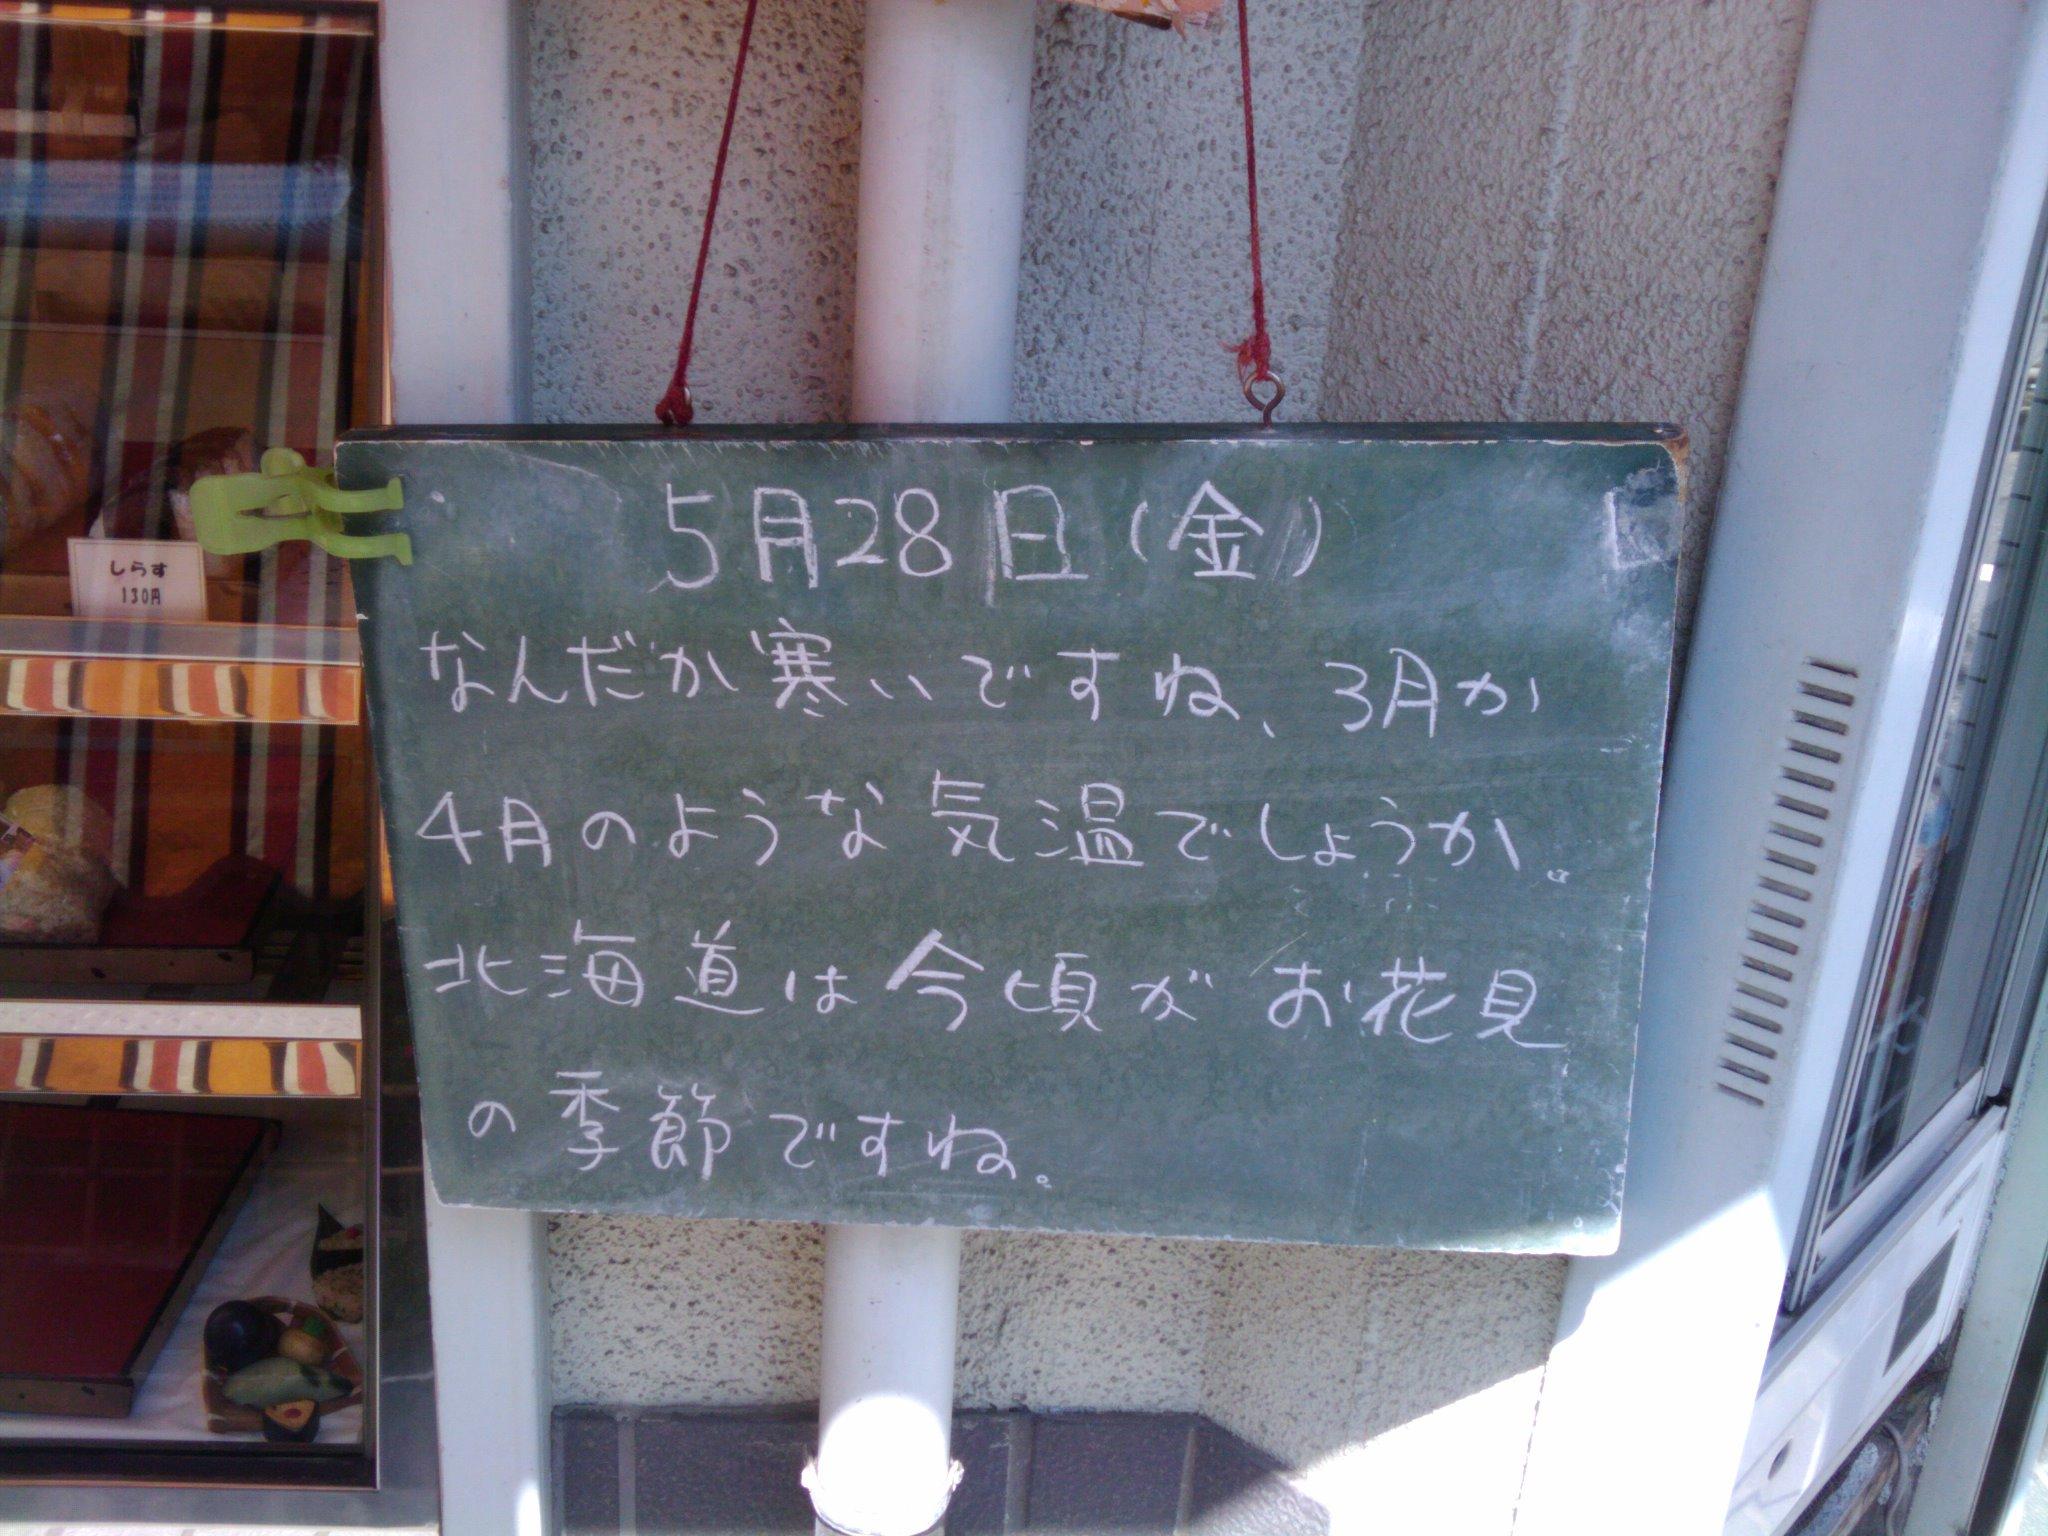 日々続ける大切さ―近所のお米屋さんから学ぶ_e0123104_6434955.jpg